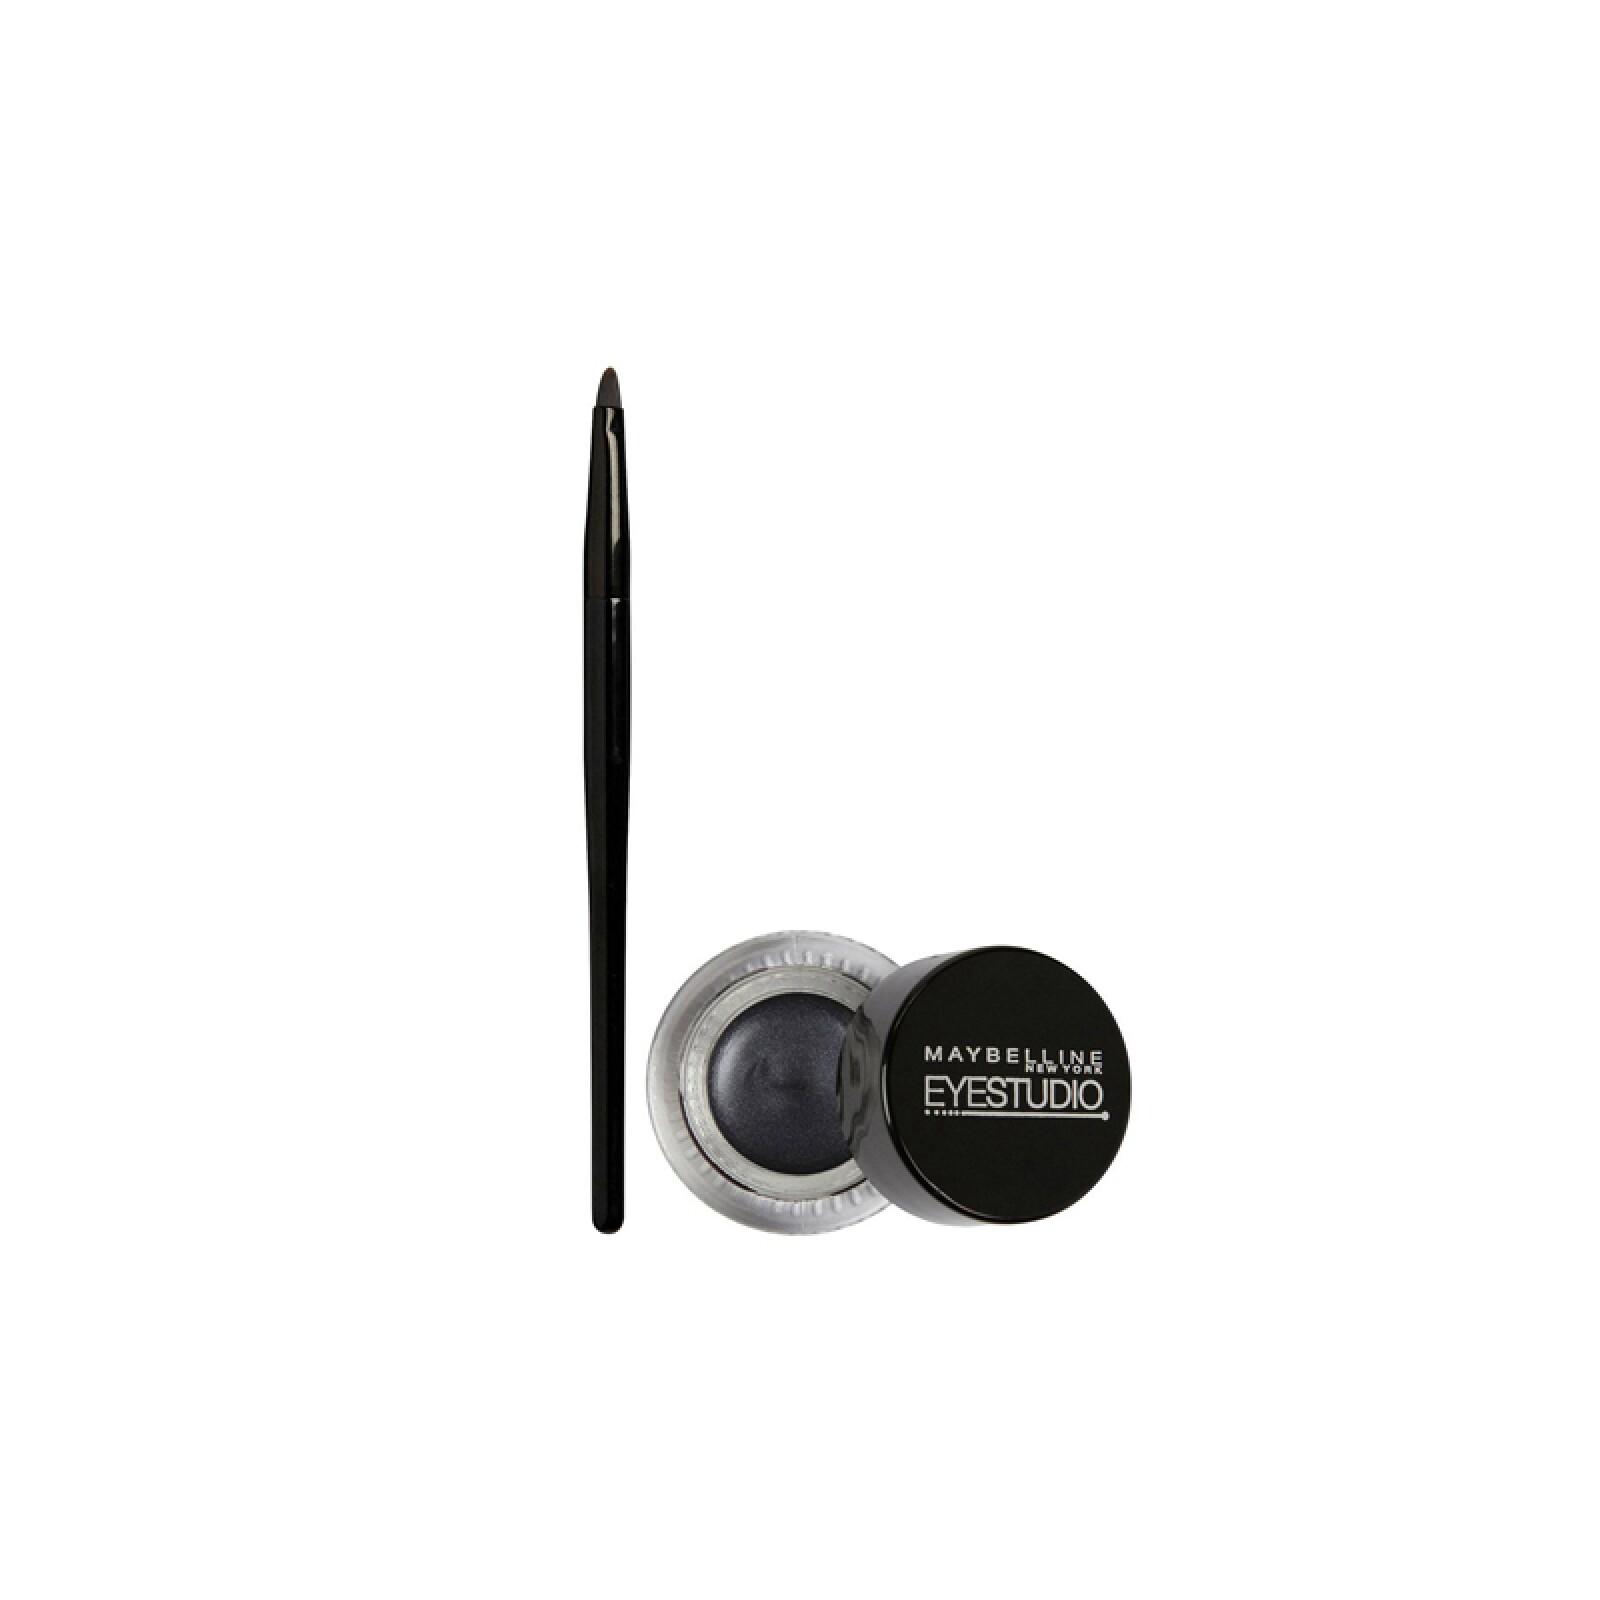 delineadores-delineado-eyeliner-maquillaje-makeup-accesible-barato-maybellinee